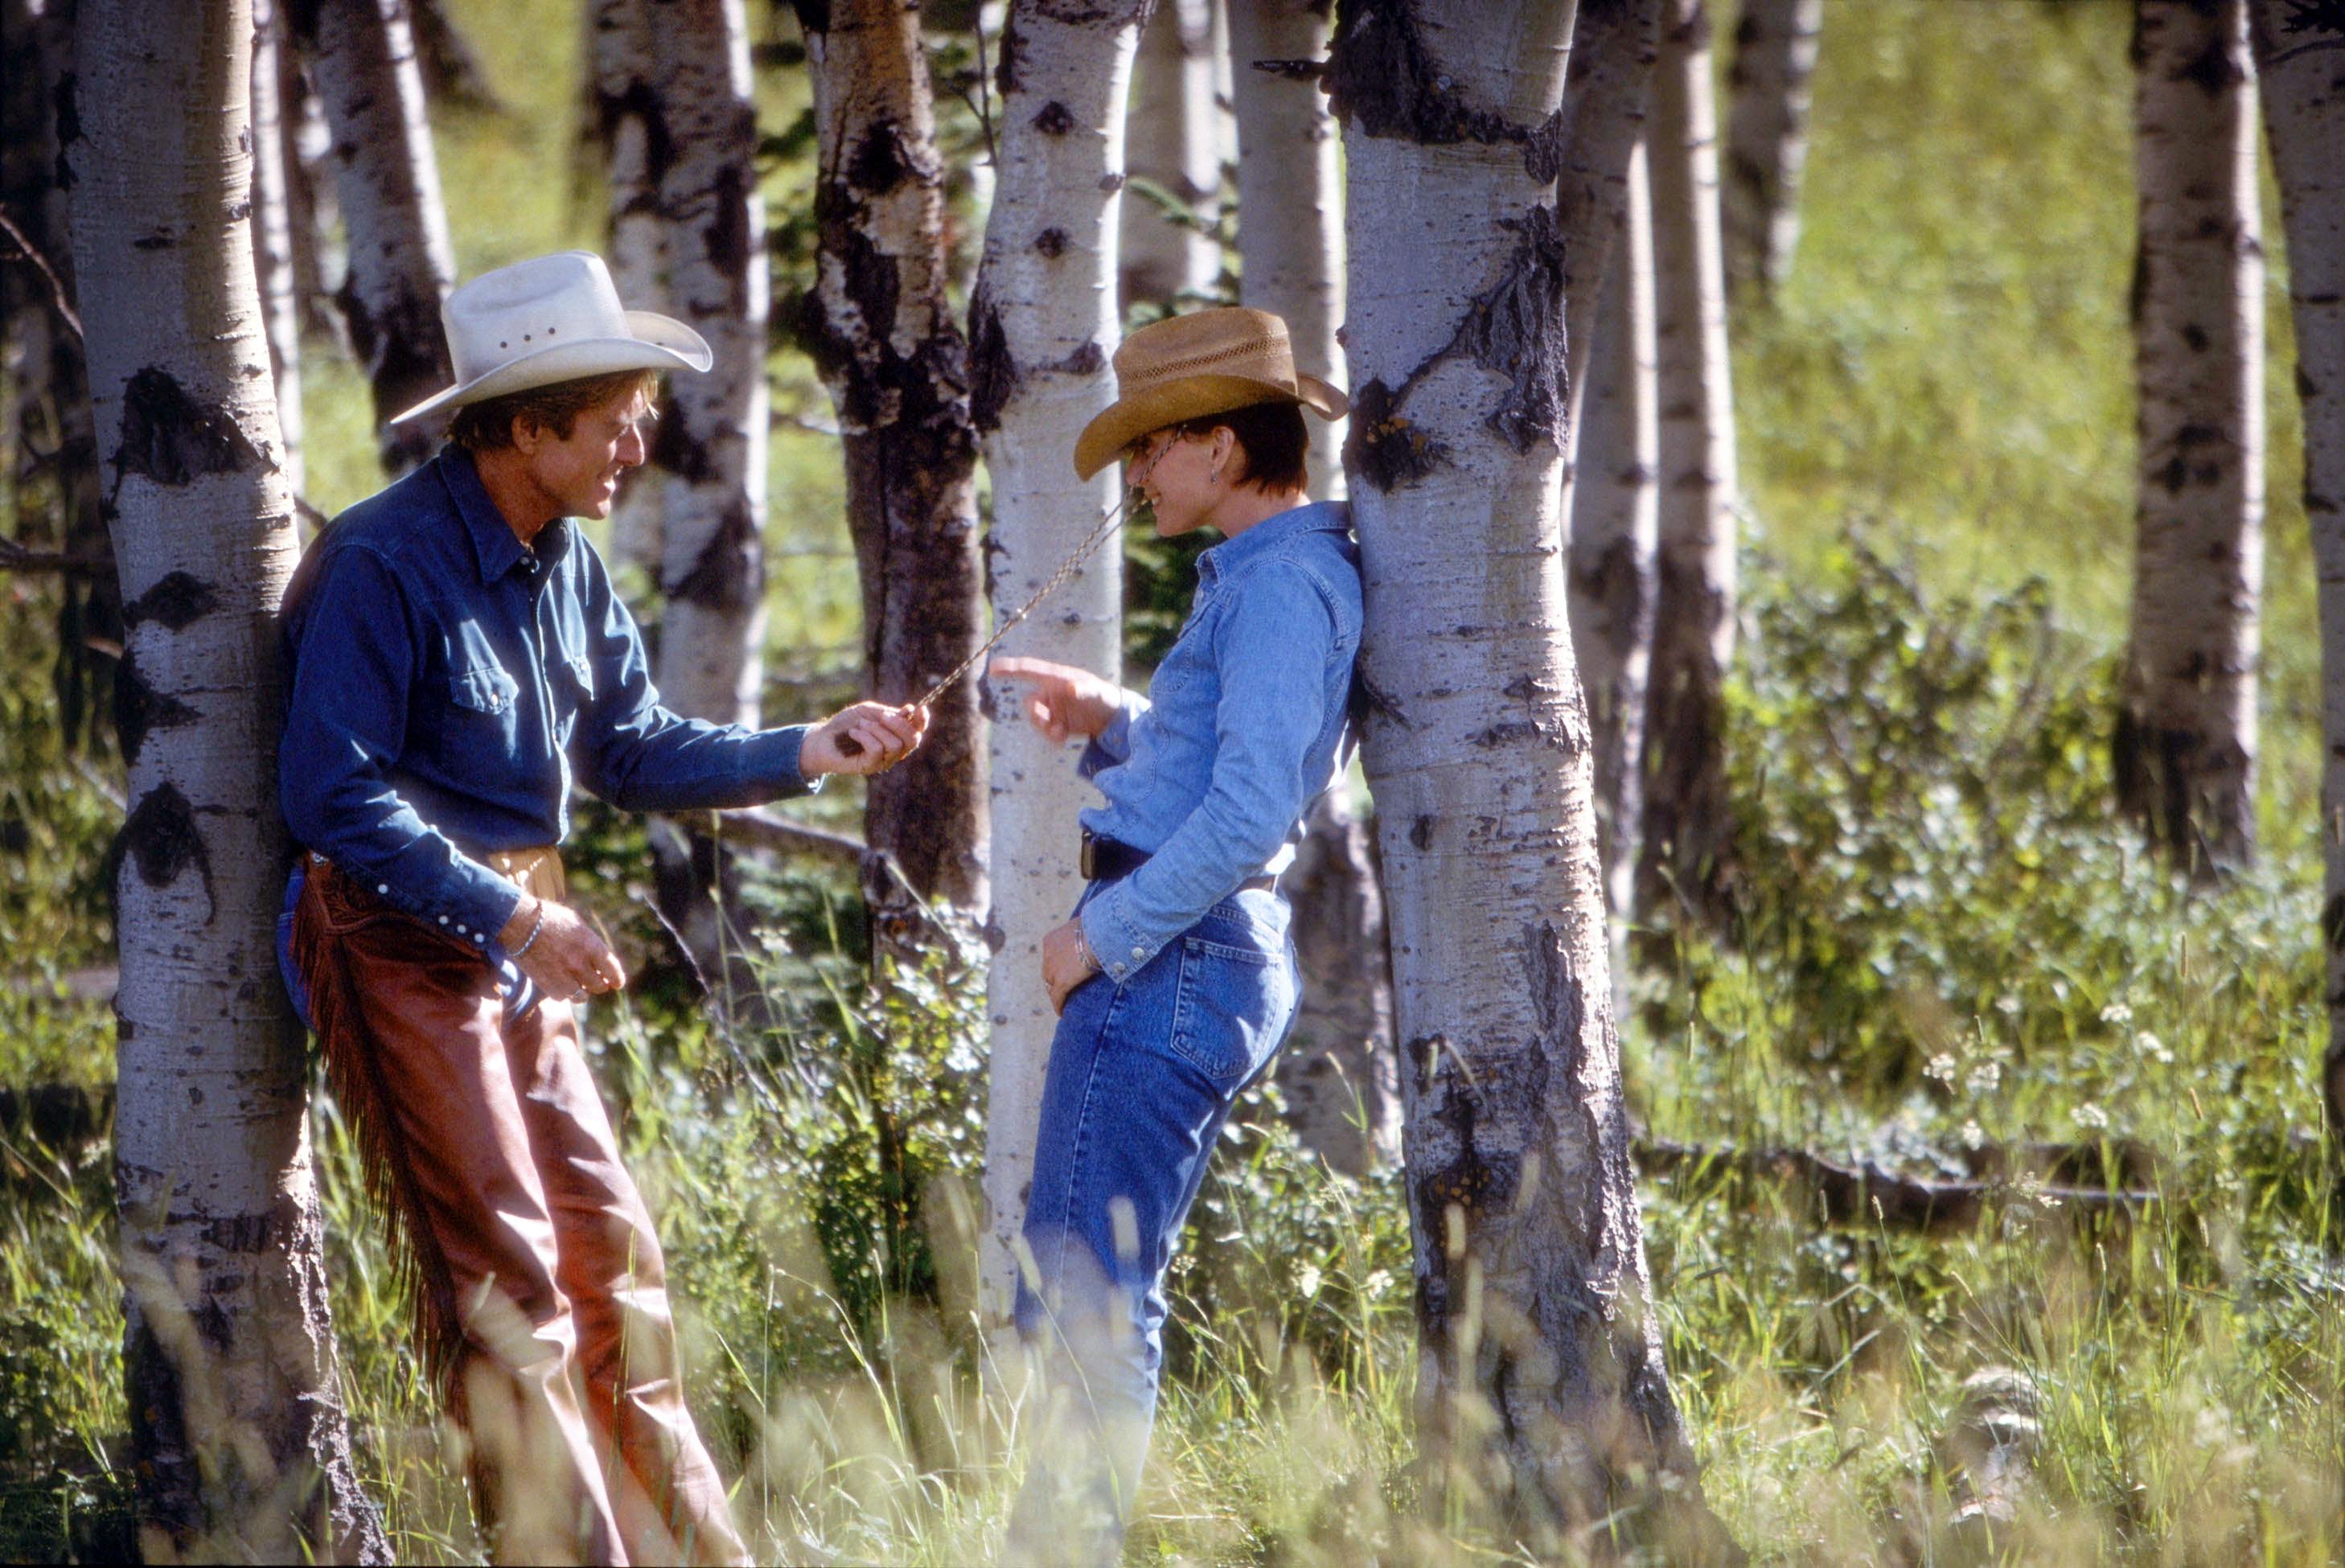 Szenenbild aus THE HORSE WHISPERER - DER PFERDEFLÜSTERER - Tom (Robert Redford) und Annie (Kristin Scott Thomas) kommen sich näher. - © Disney